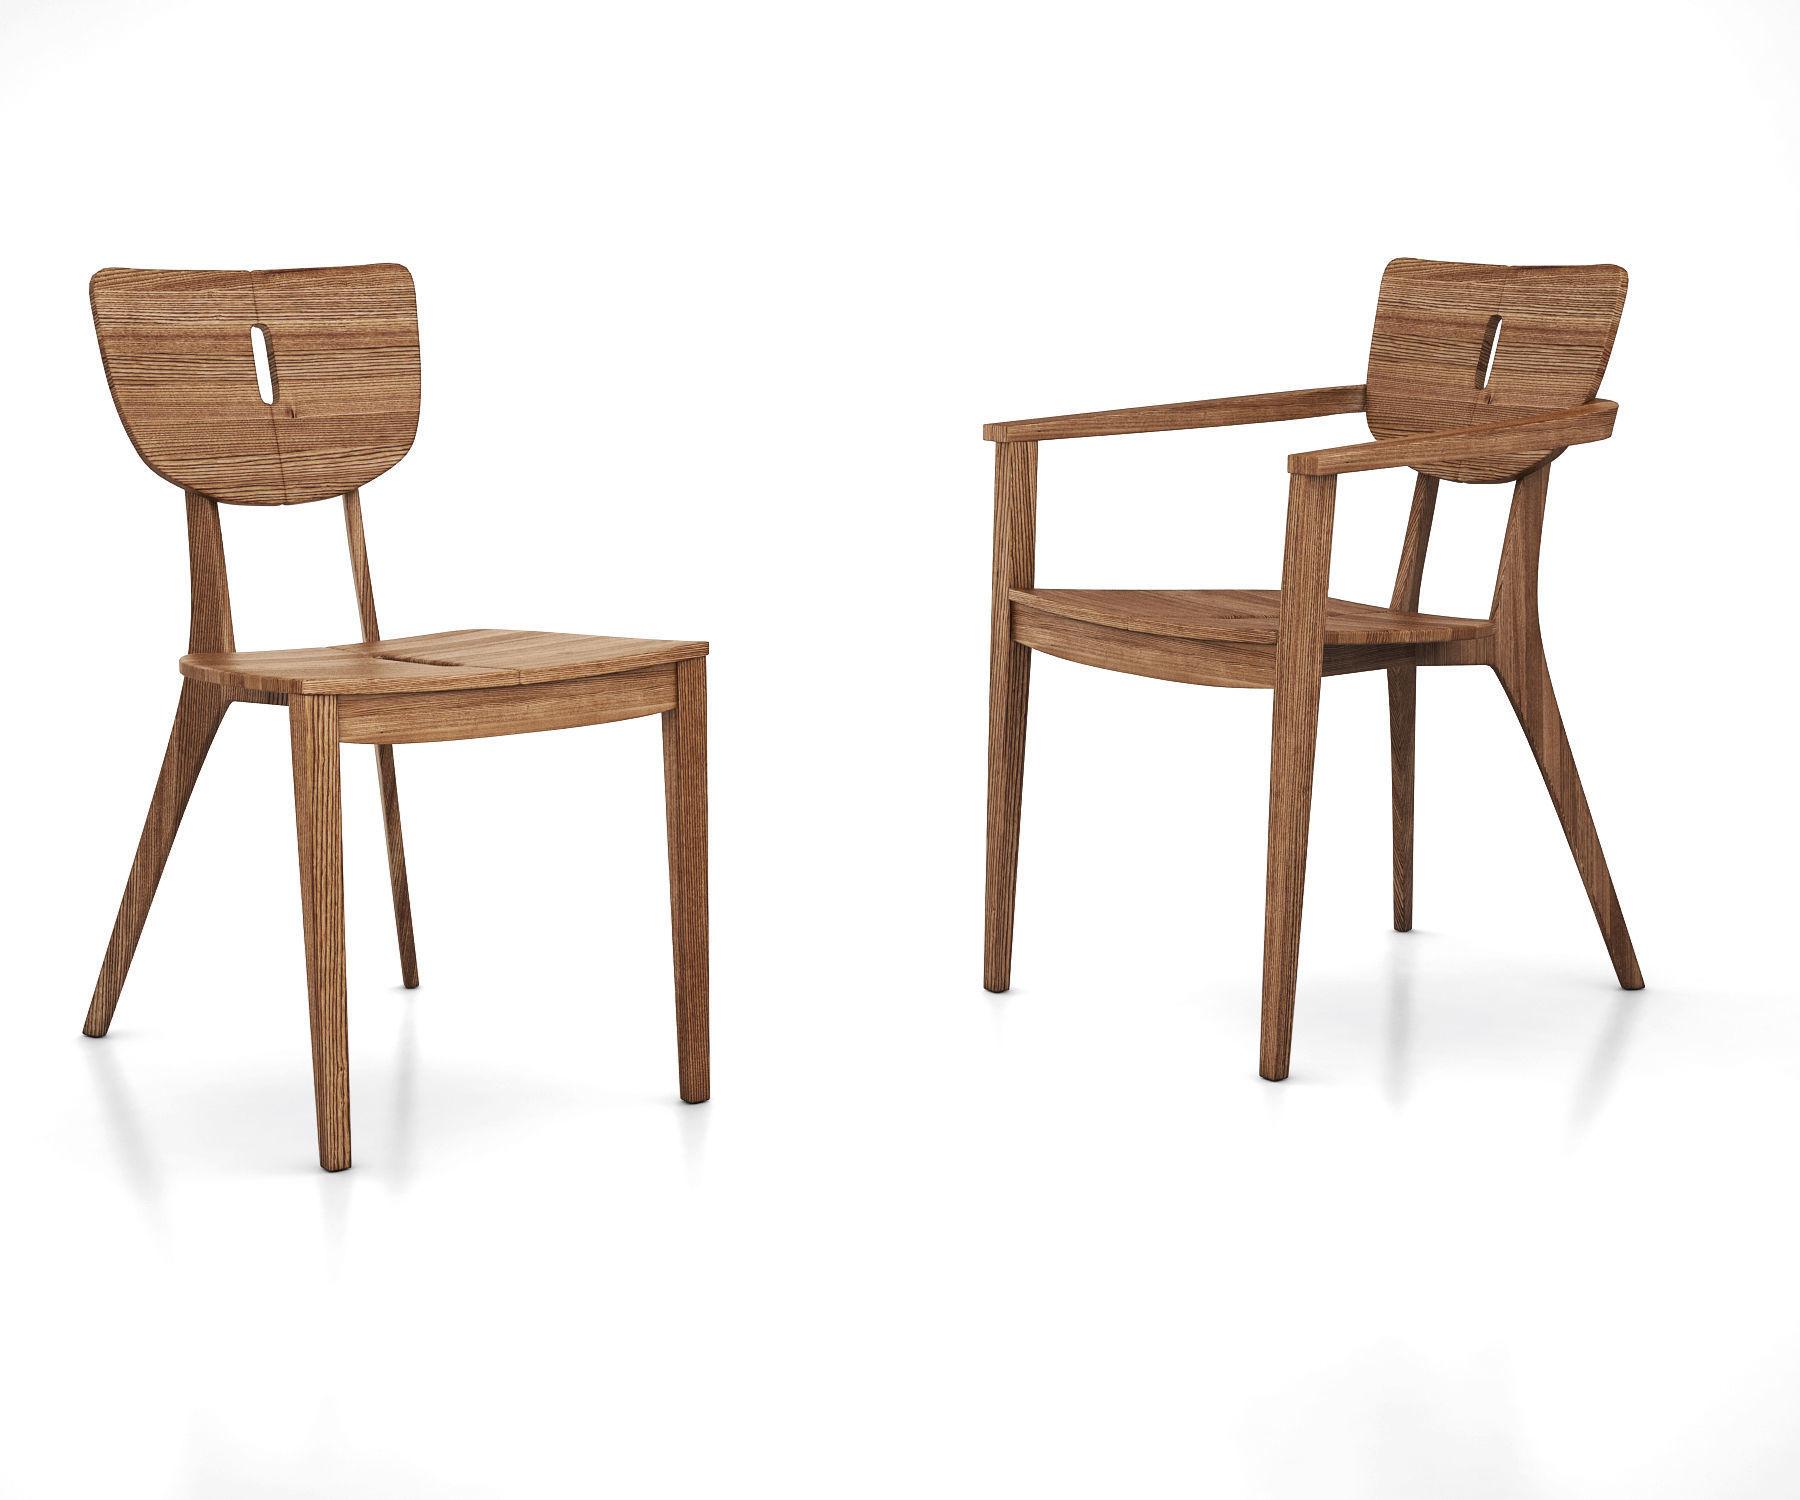 Diuna Teak Chair And Armchair By Oasiq 3d Model Max Obj Mtl Tga 1